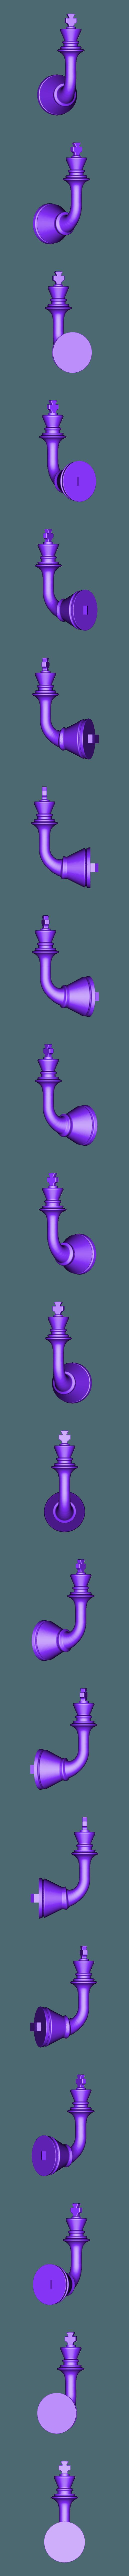 King.STL Télécharger fichier STL gratuit Échiquier vertical, alias l'Échiquier à l'épreuve des chats • Design à imprimer en 3D, SSilver